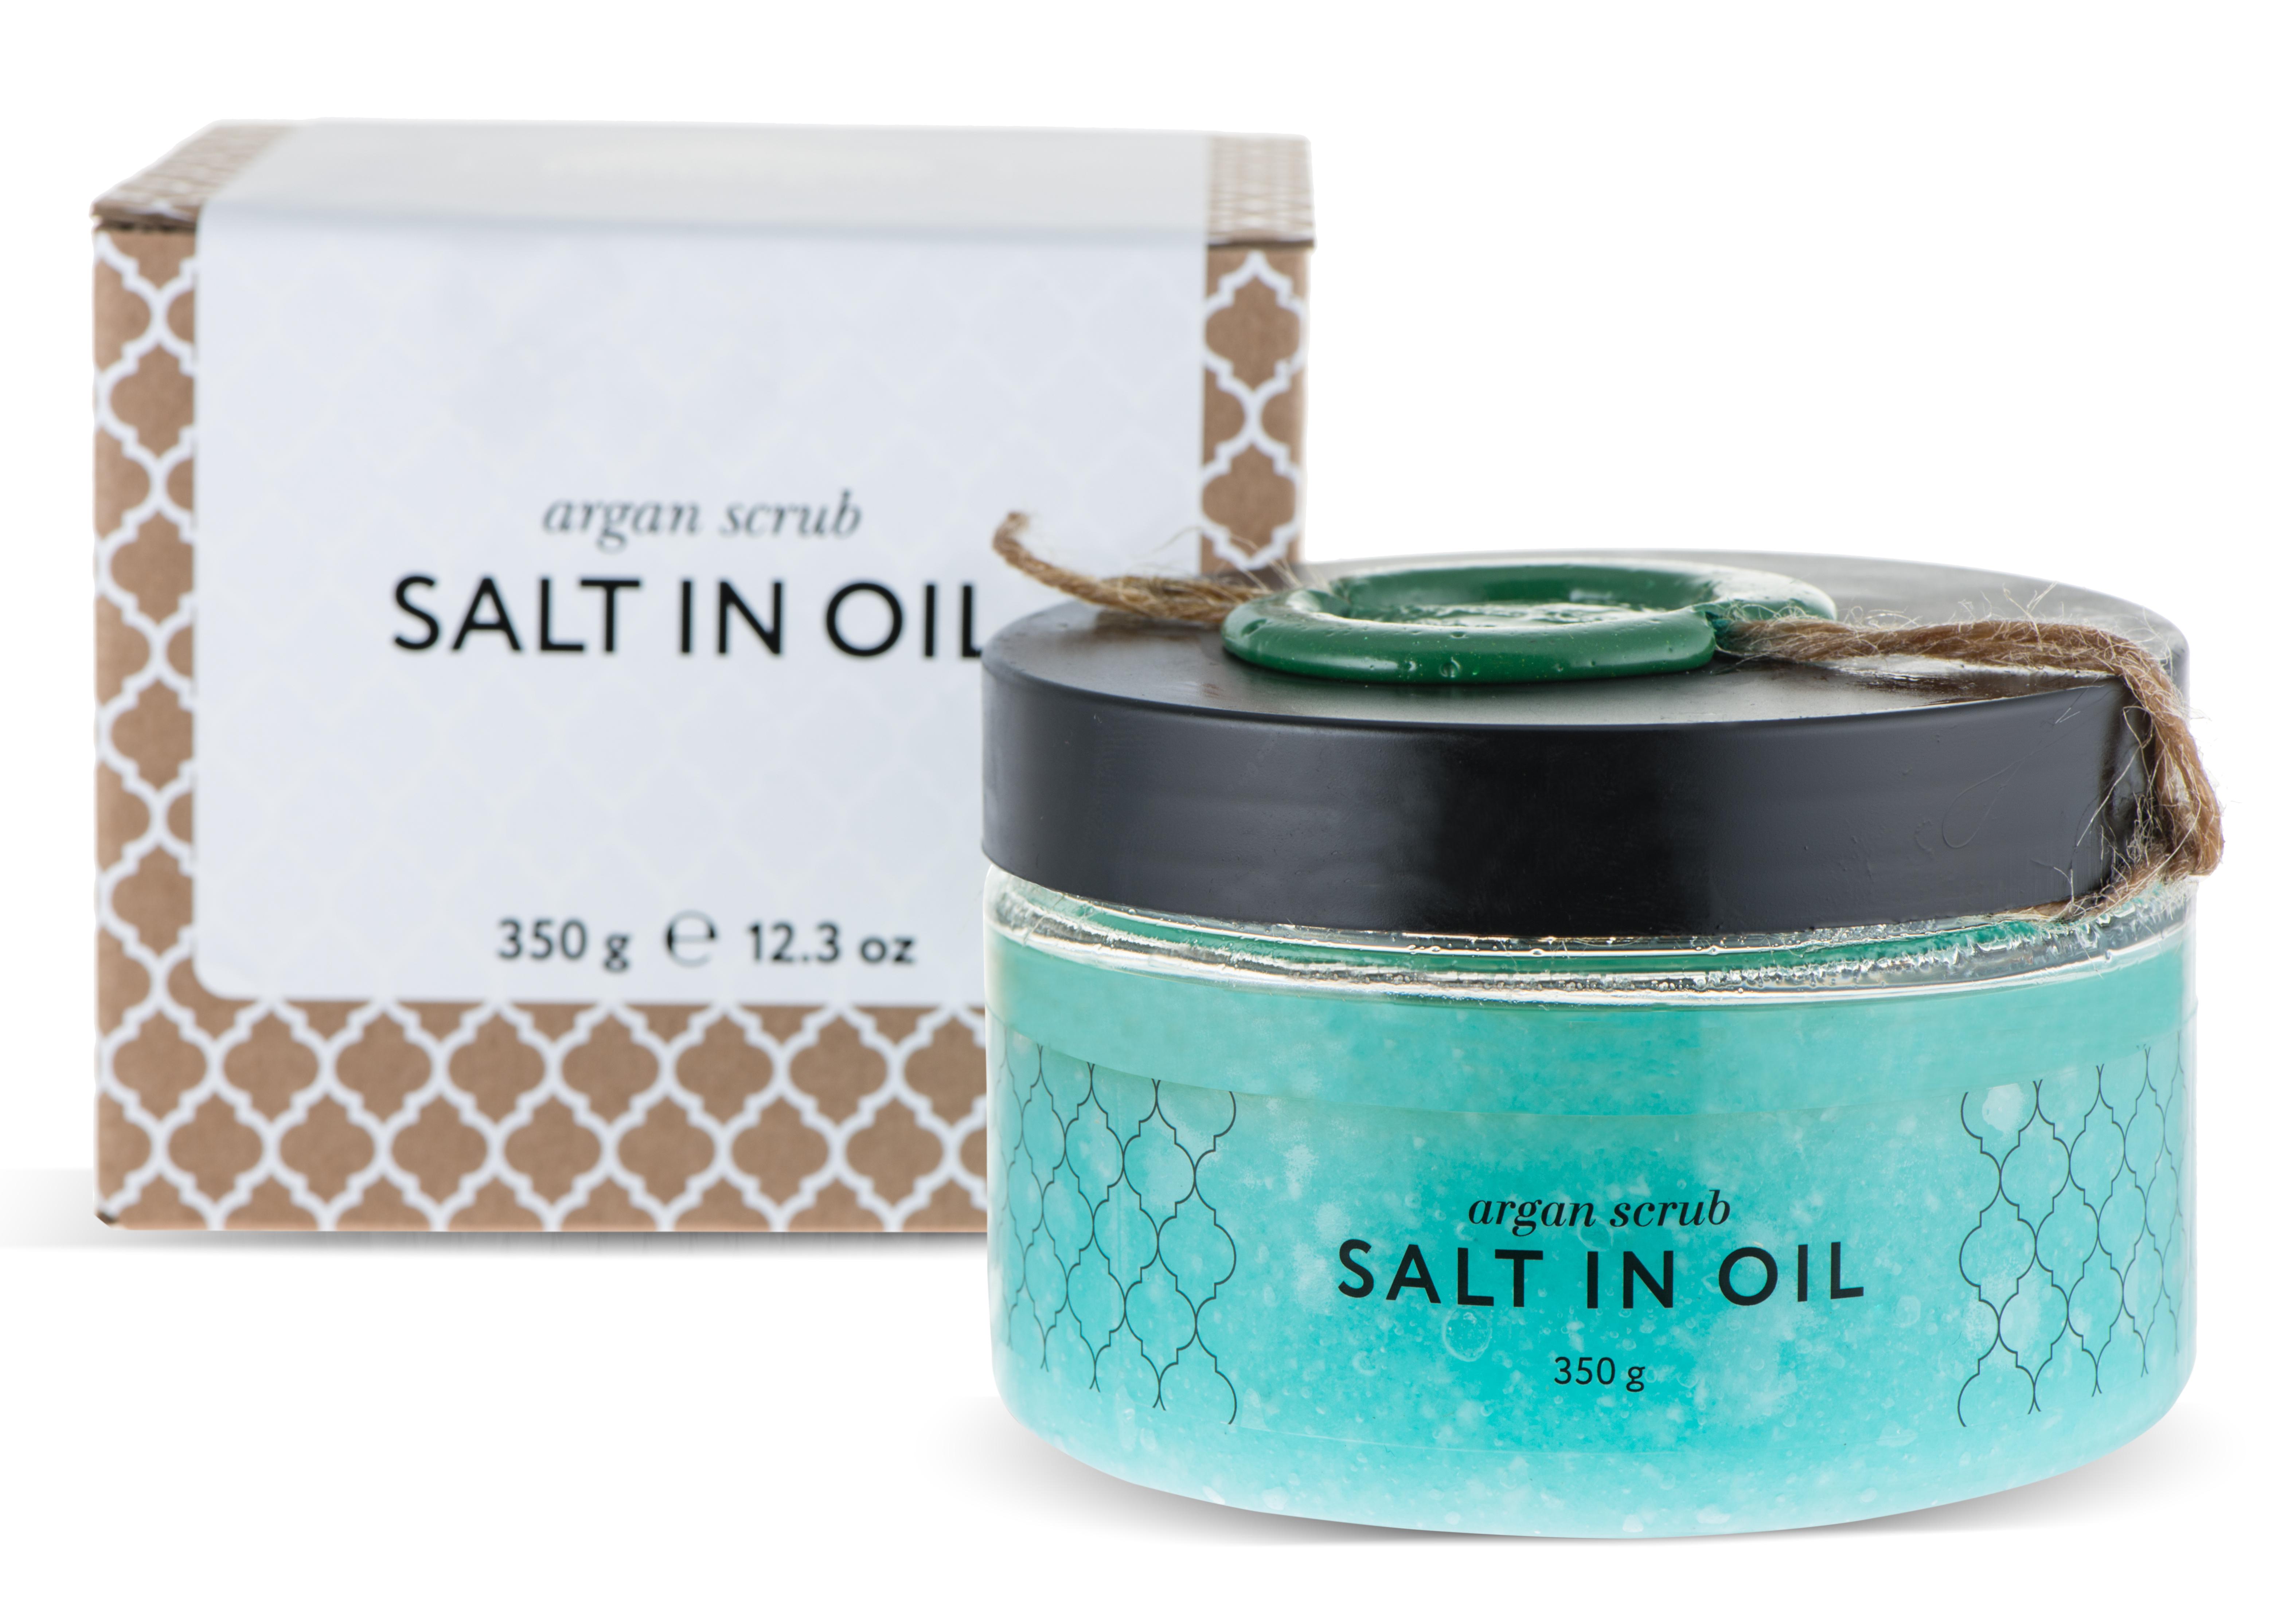 HUILARGAN Скраб аргановый солевой для тела, salt in oil 350 г